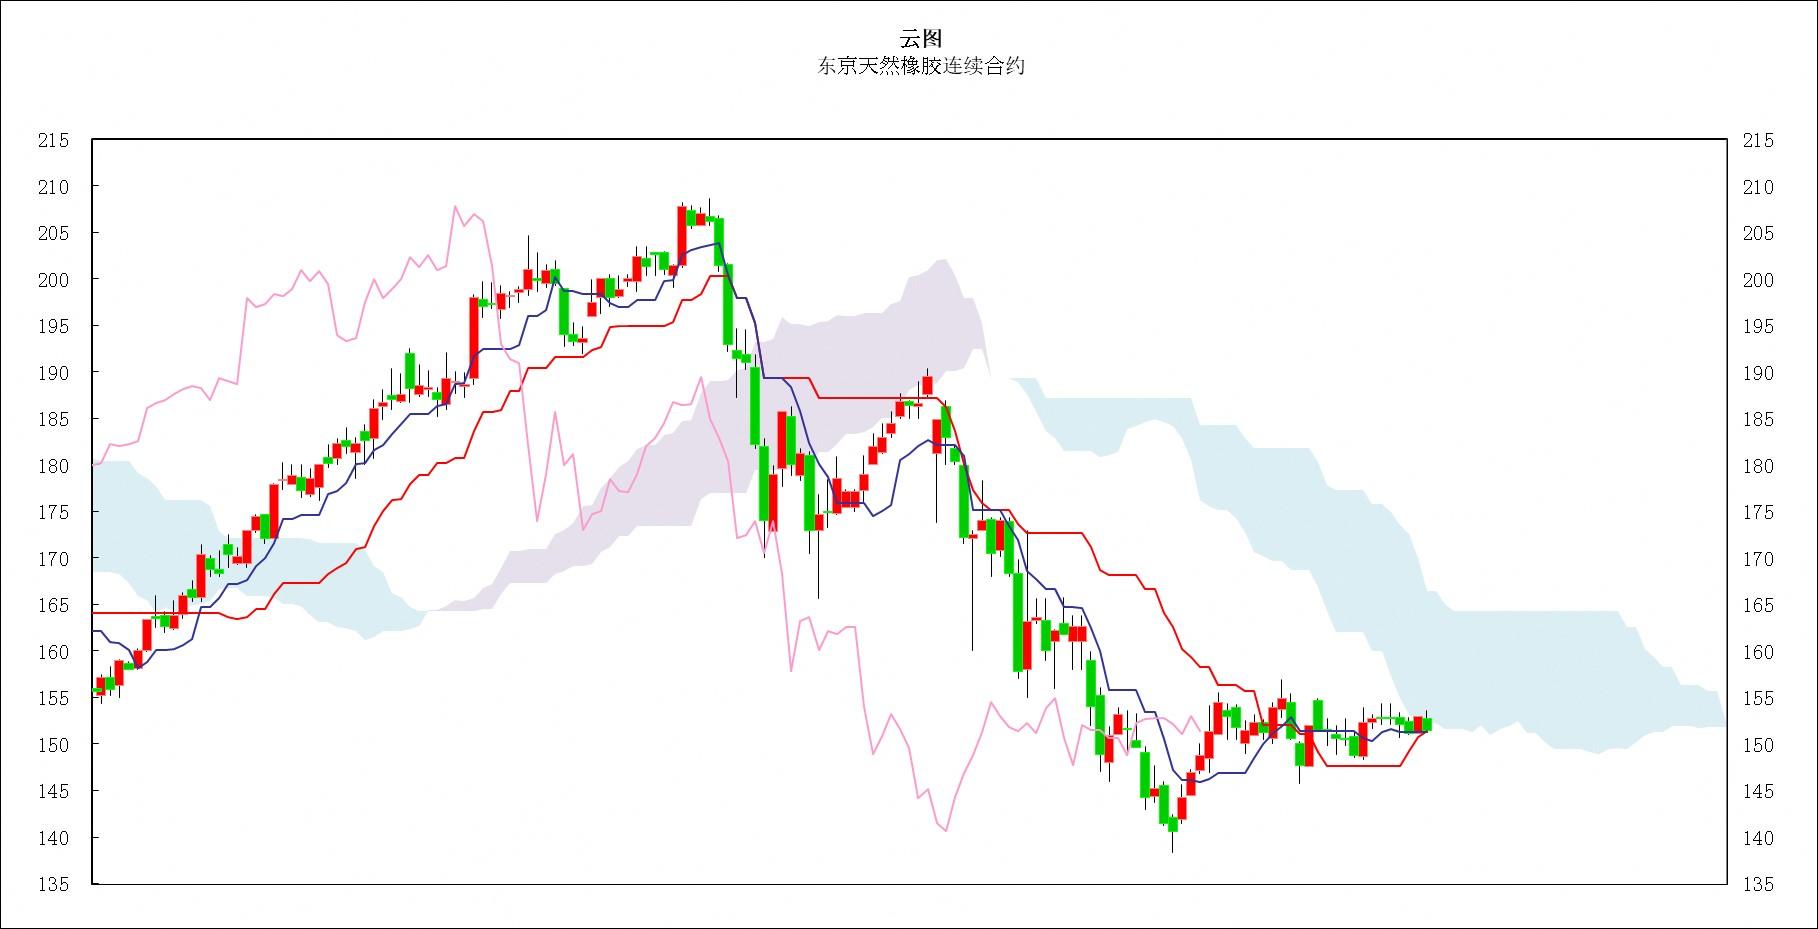 日本商品市场日评:东京黄金回落,橡胶市场窄幅盘整